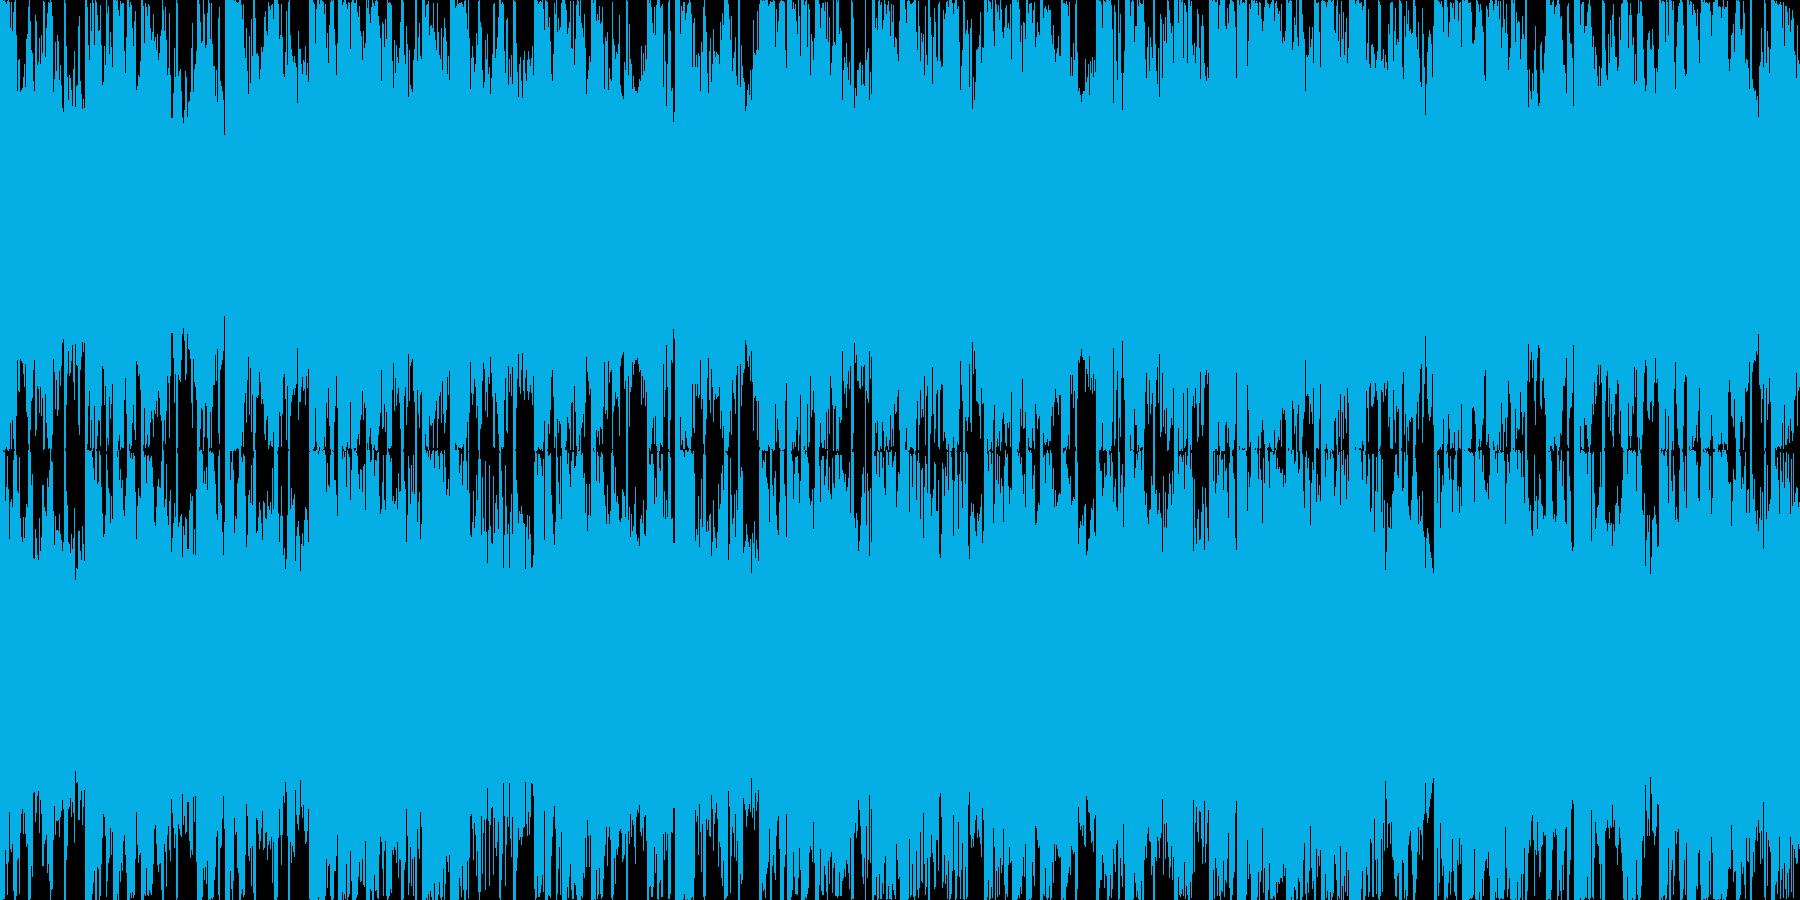 ゲームミュージック、氷のステージの再生済みの波形